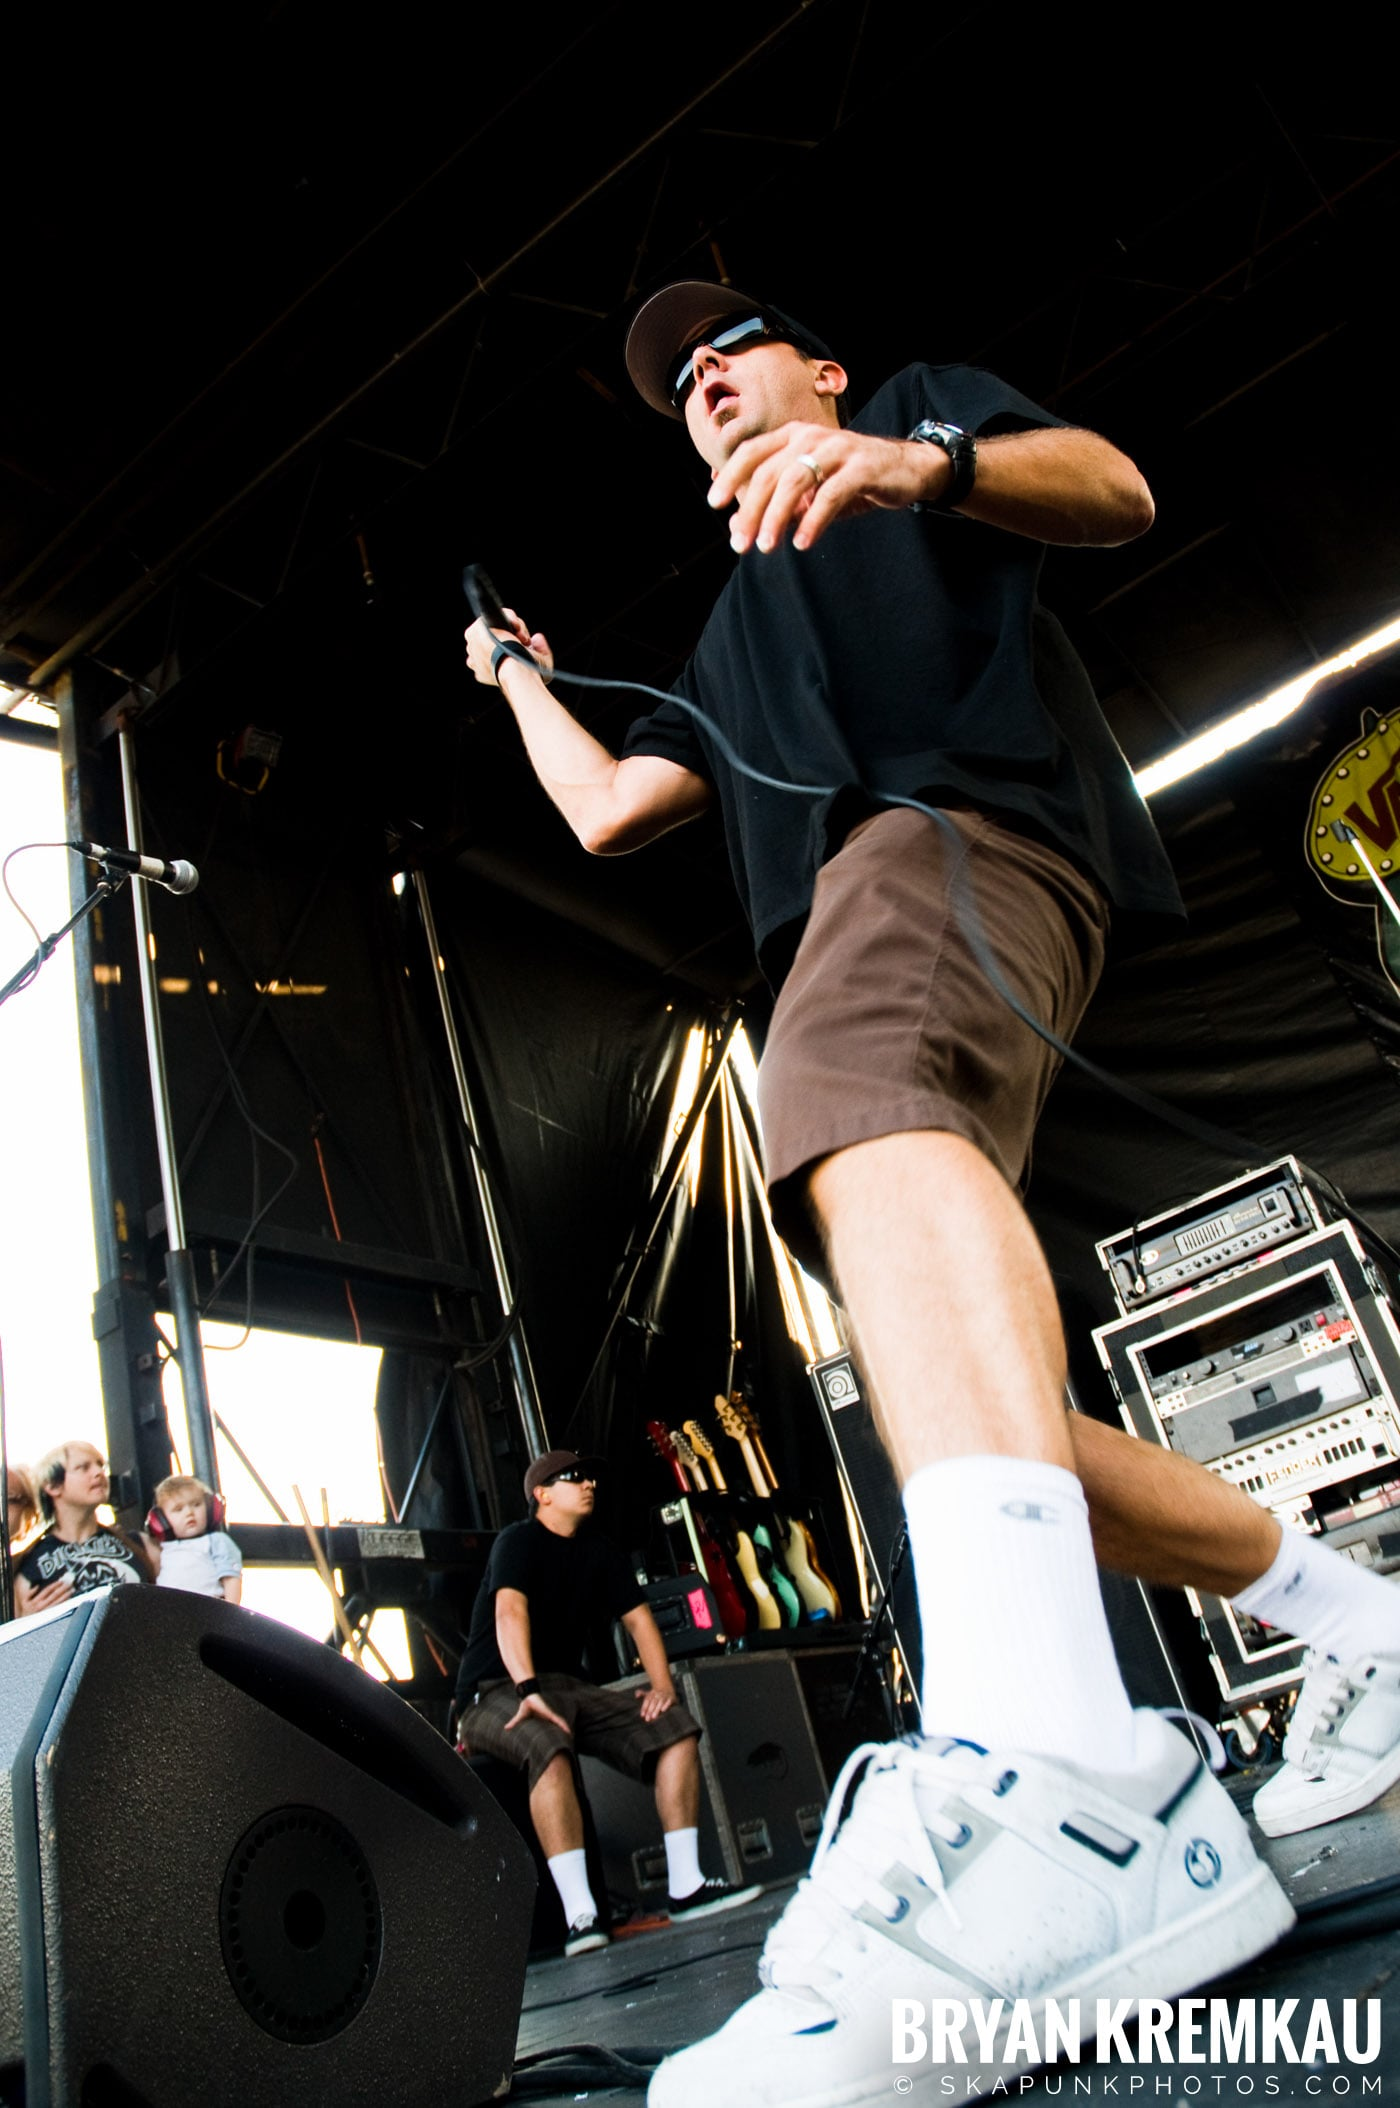 Pennywise @ Warped Tour 08, Scranton PA - 7.27.08 (12)